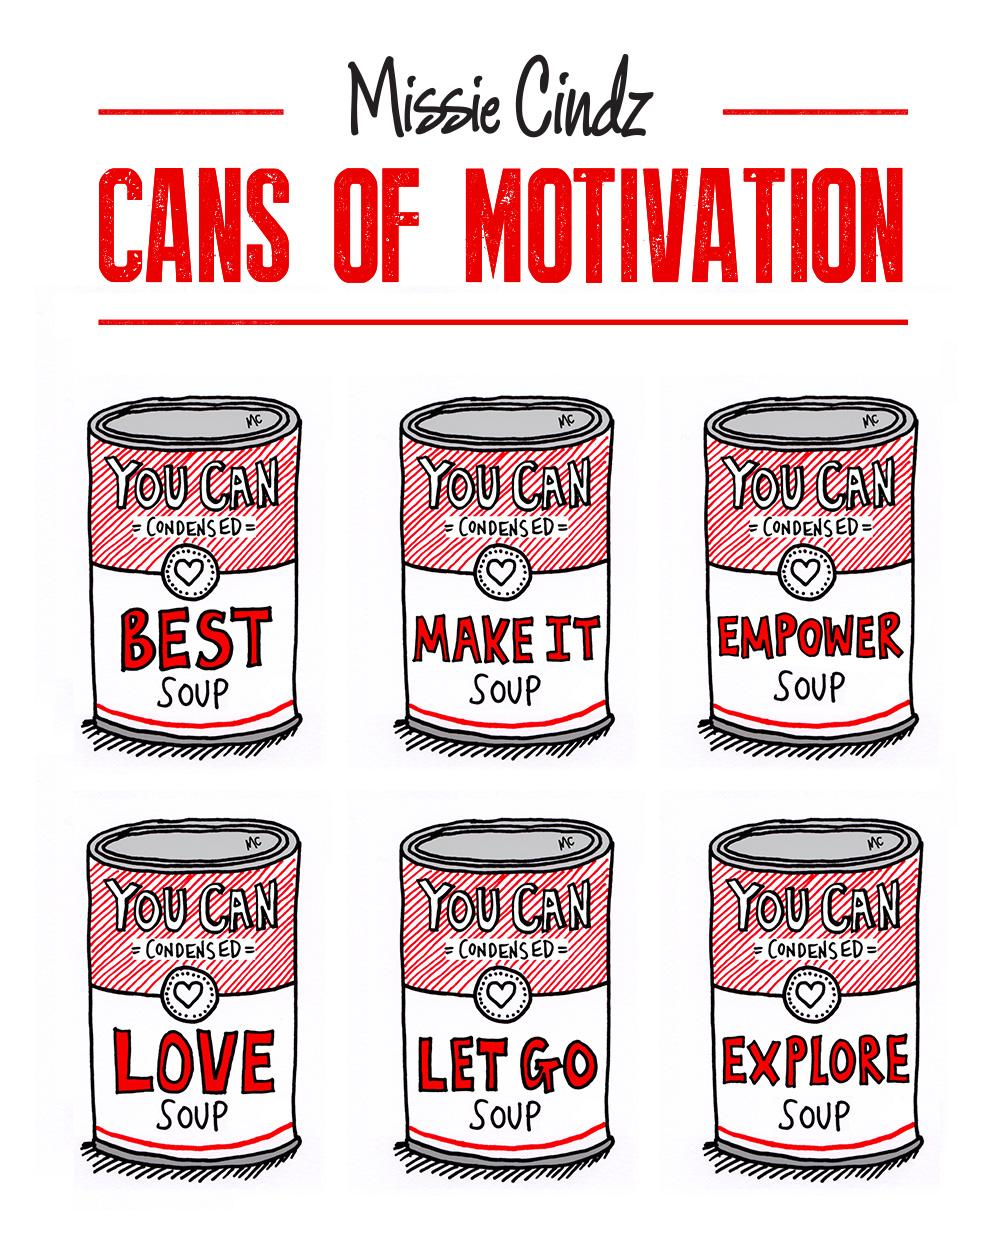 Missie Cindz Cans of Motivation